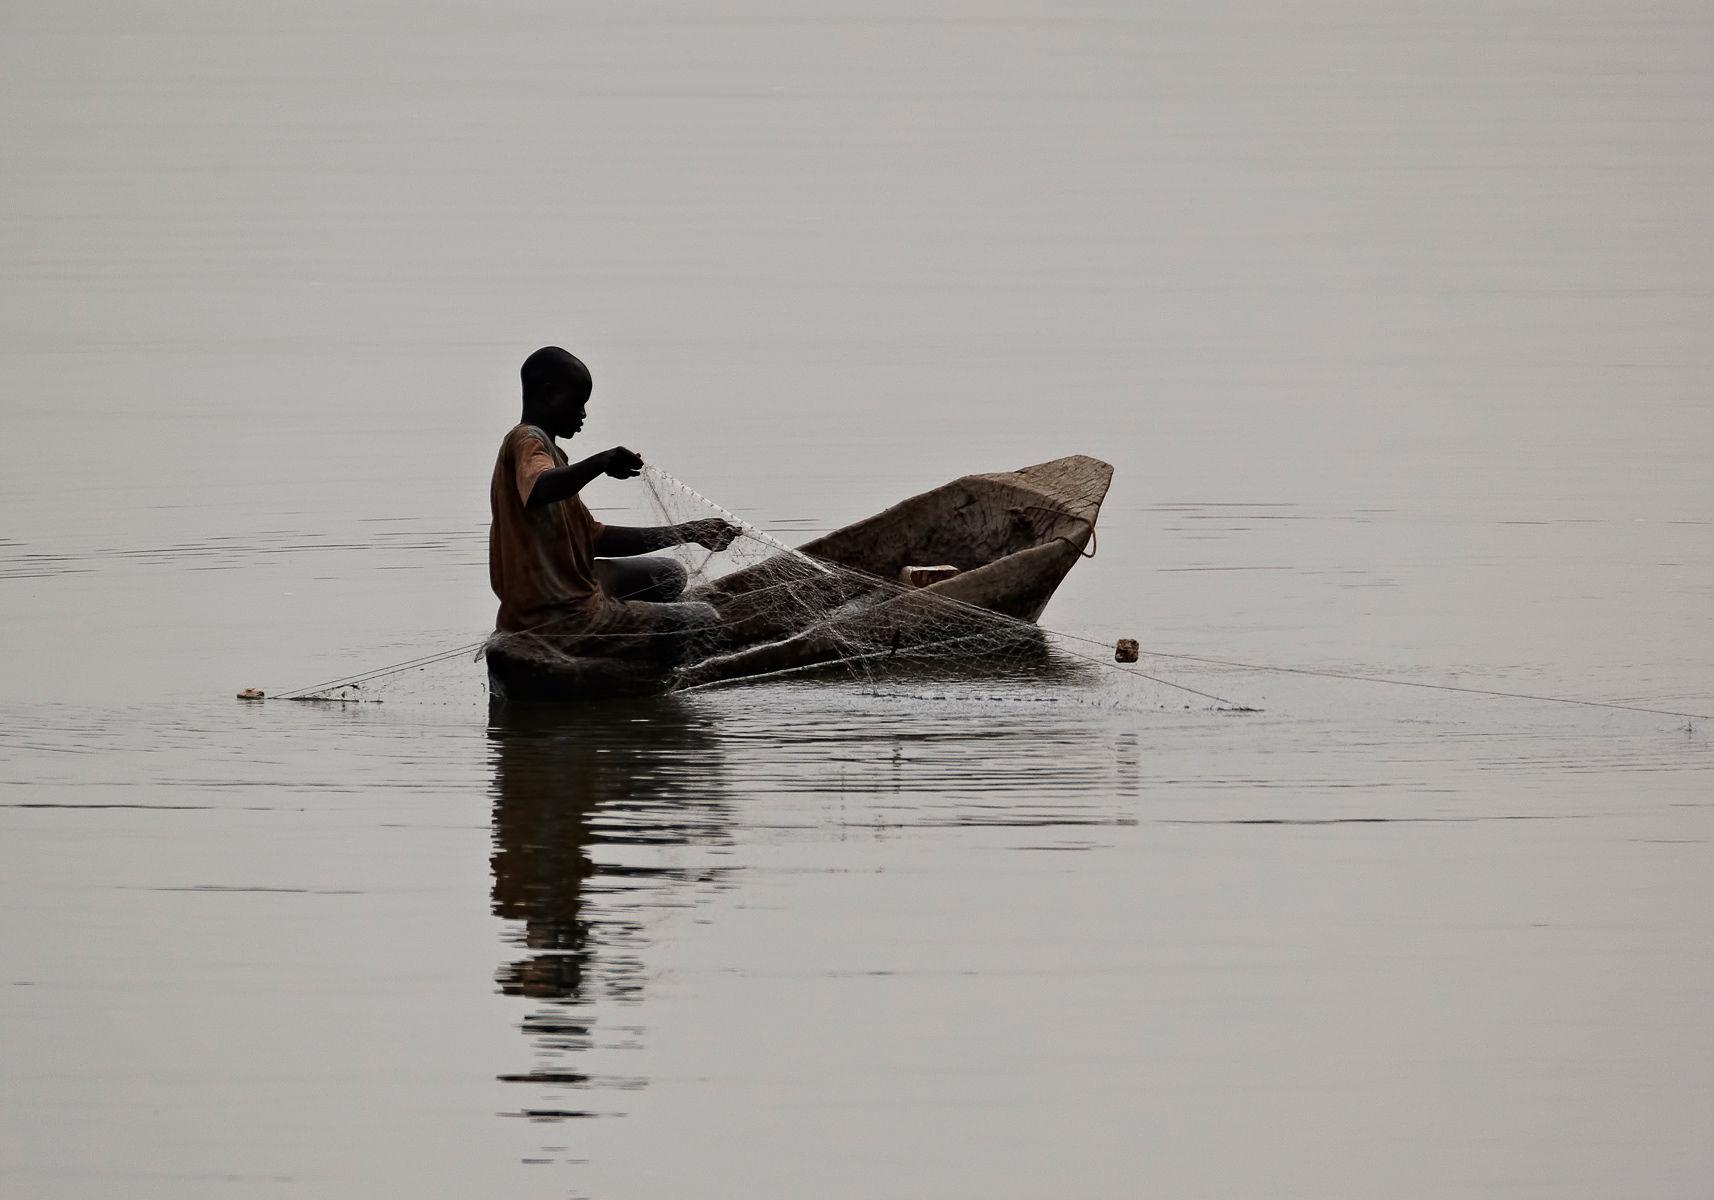 Senegalese fisherman